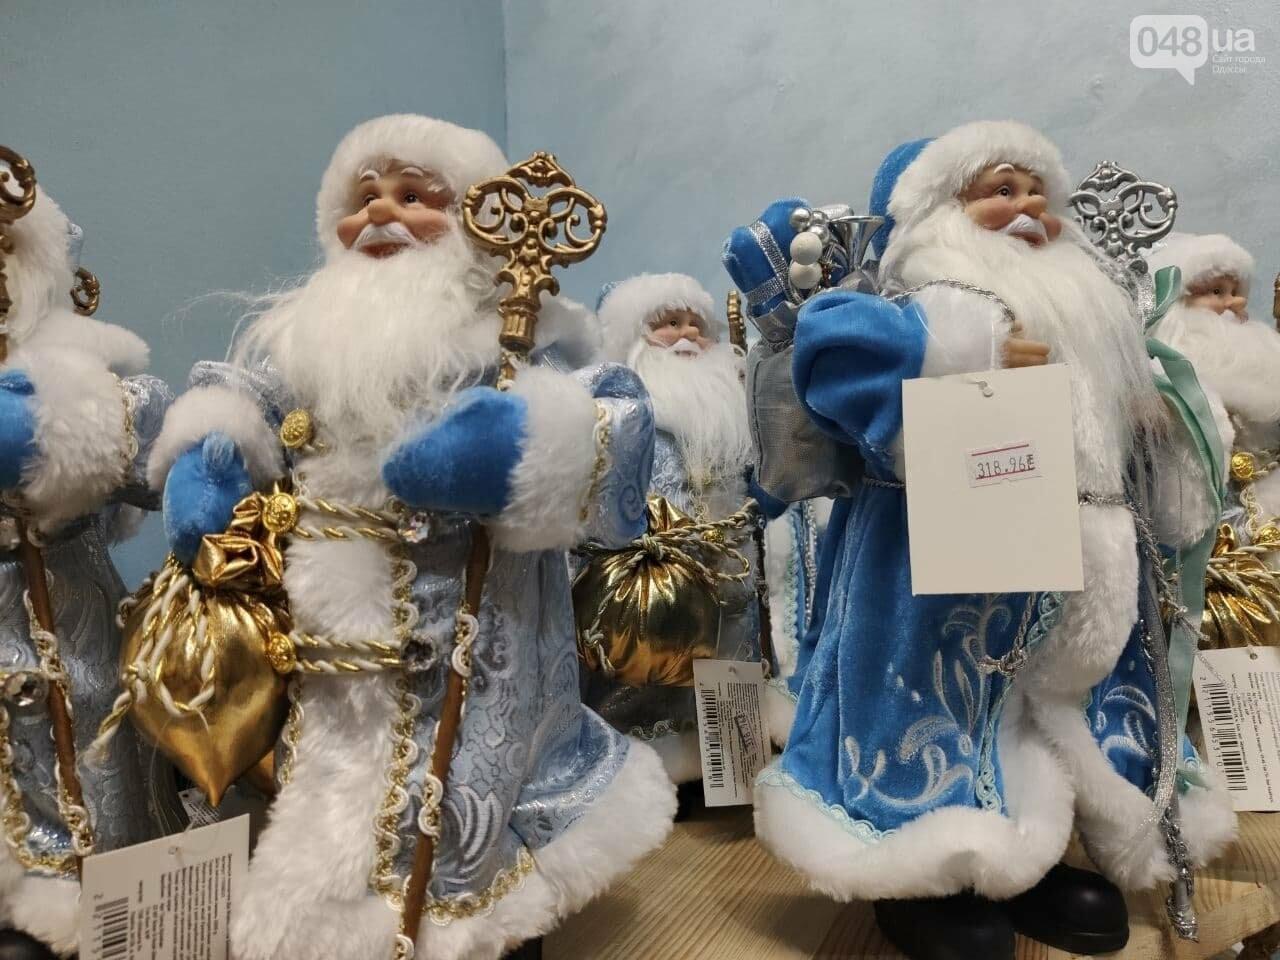 Сколько стоит украсить новогоднюю елку в Одессе, - ФОТО, фото-11